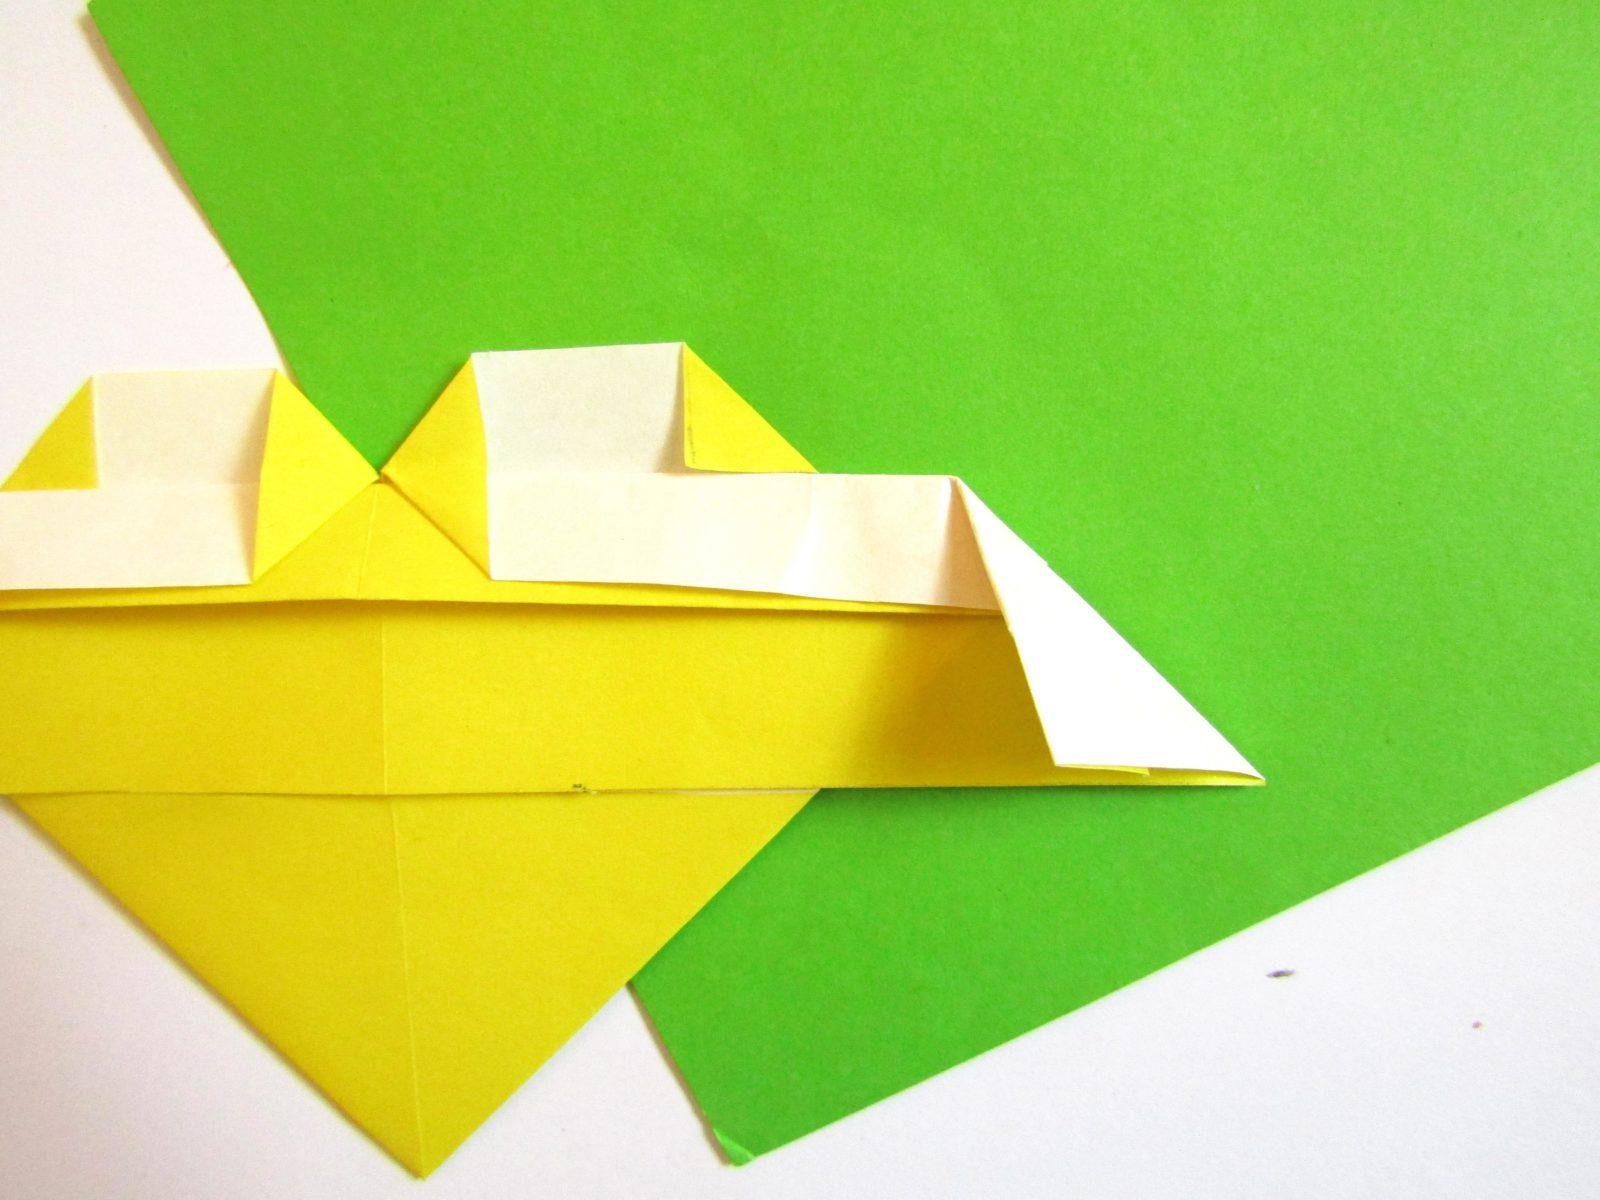 Оригами сердце с крыльями из бумаги - 11